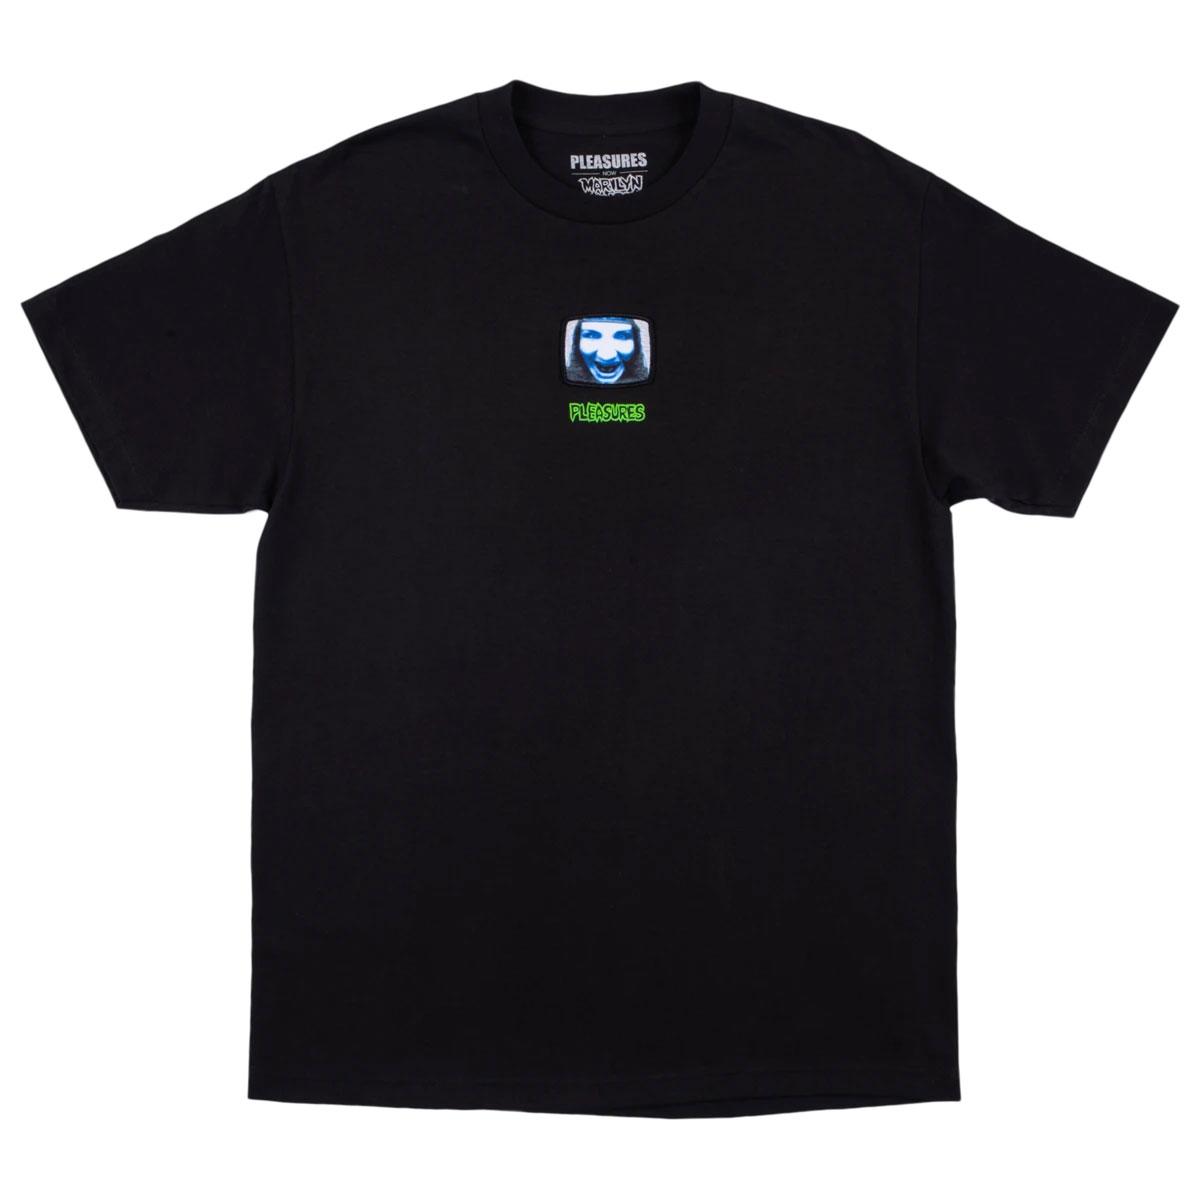 【PLEASURES/プレジャーズ×MARILYN MANSON/マリリン・マンソン】TV T-SHIRT Tシャツ / BLACK